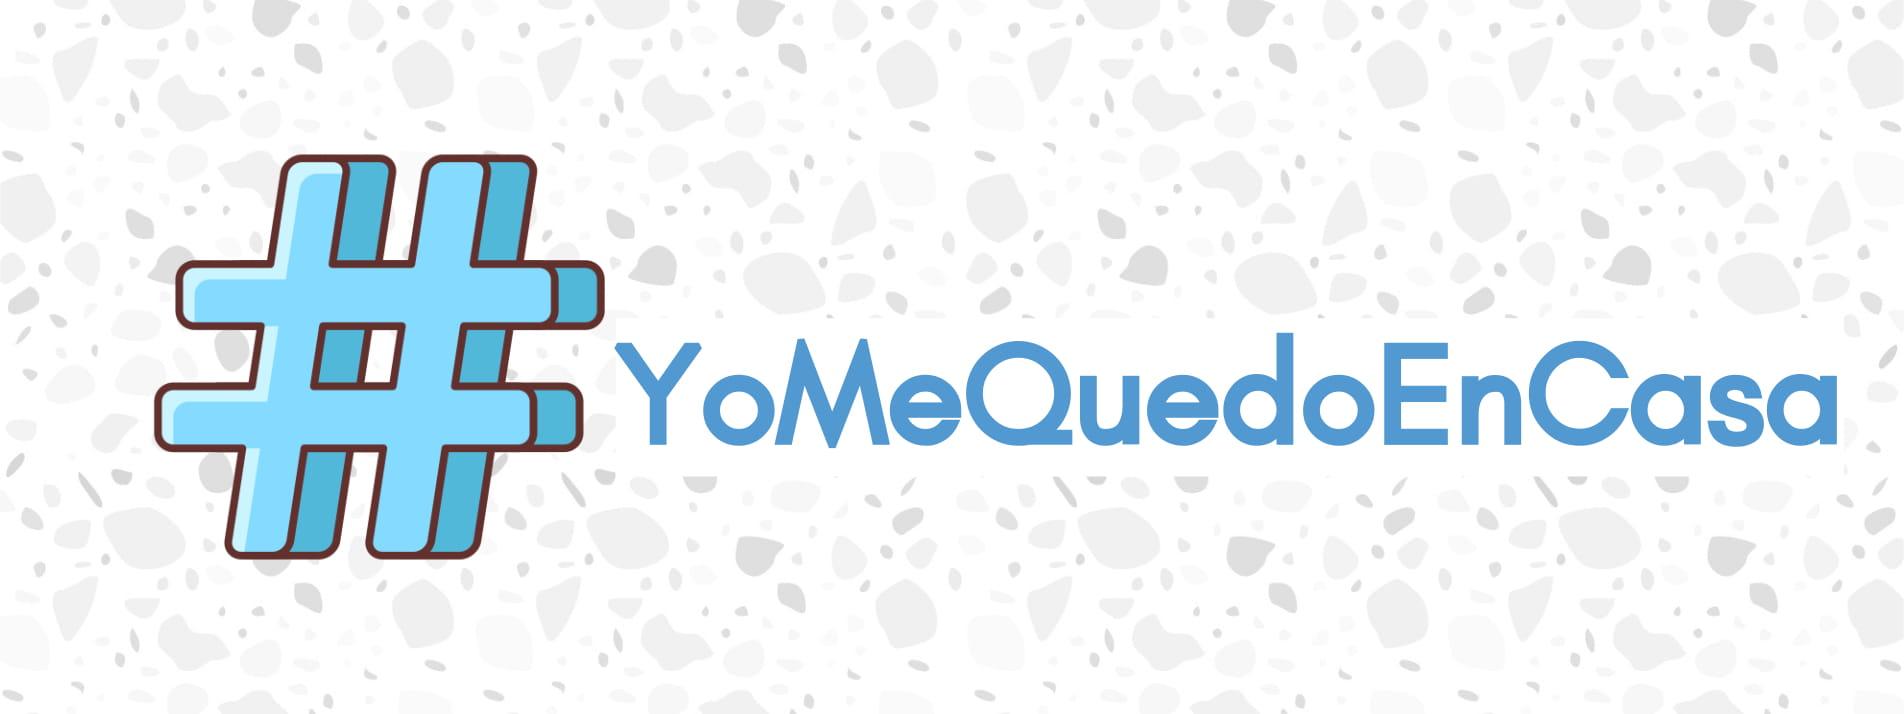 #yomequedoencasa movimiento en redes sociales coronavirus